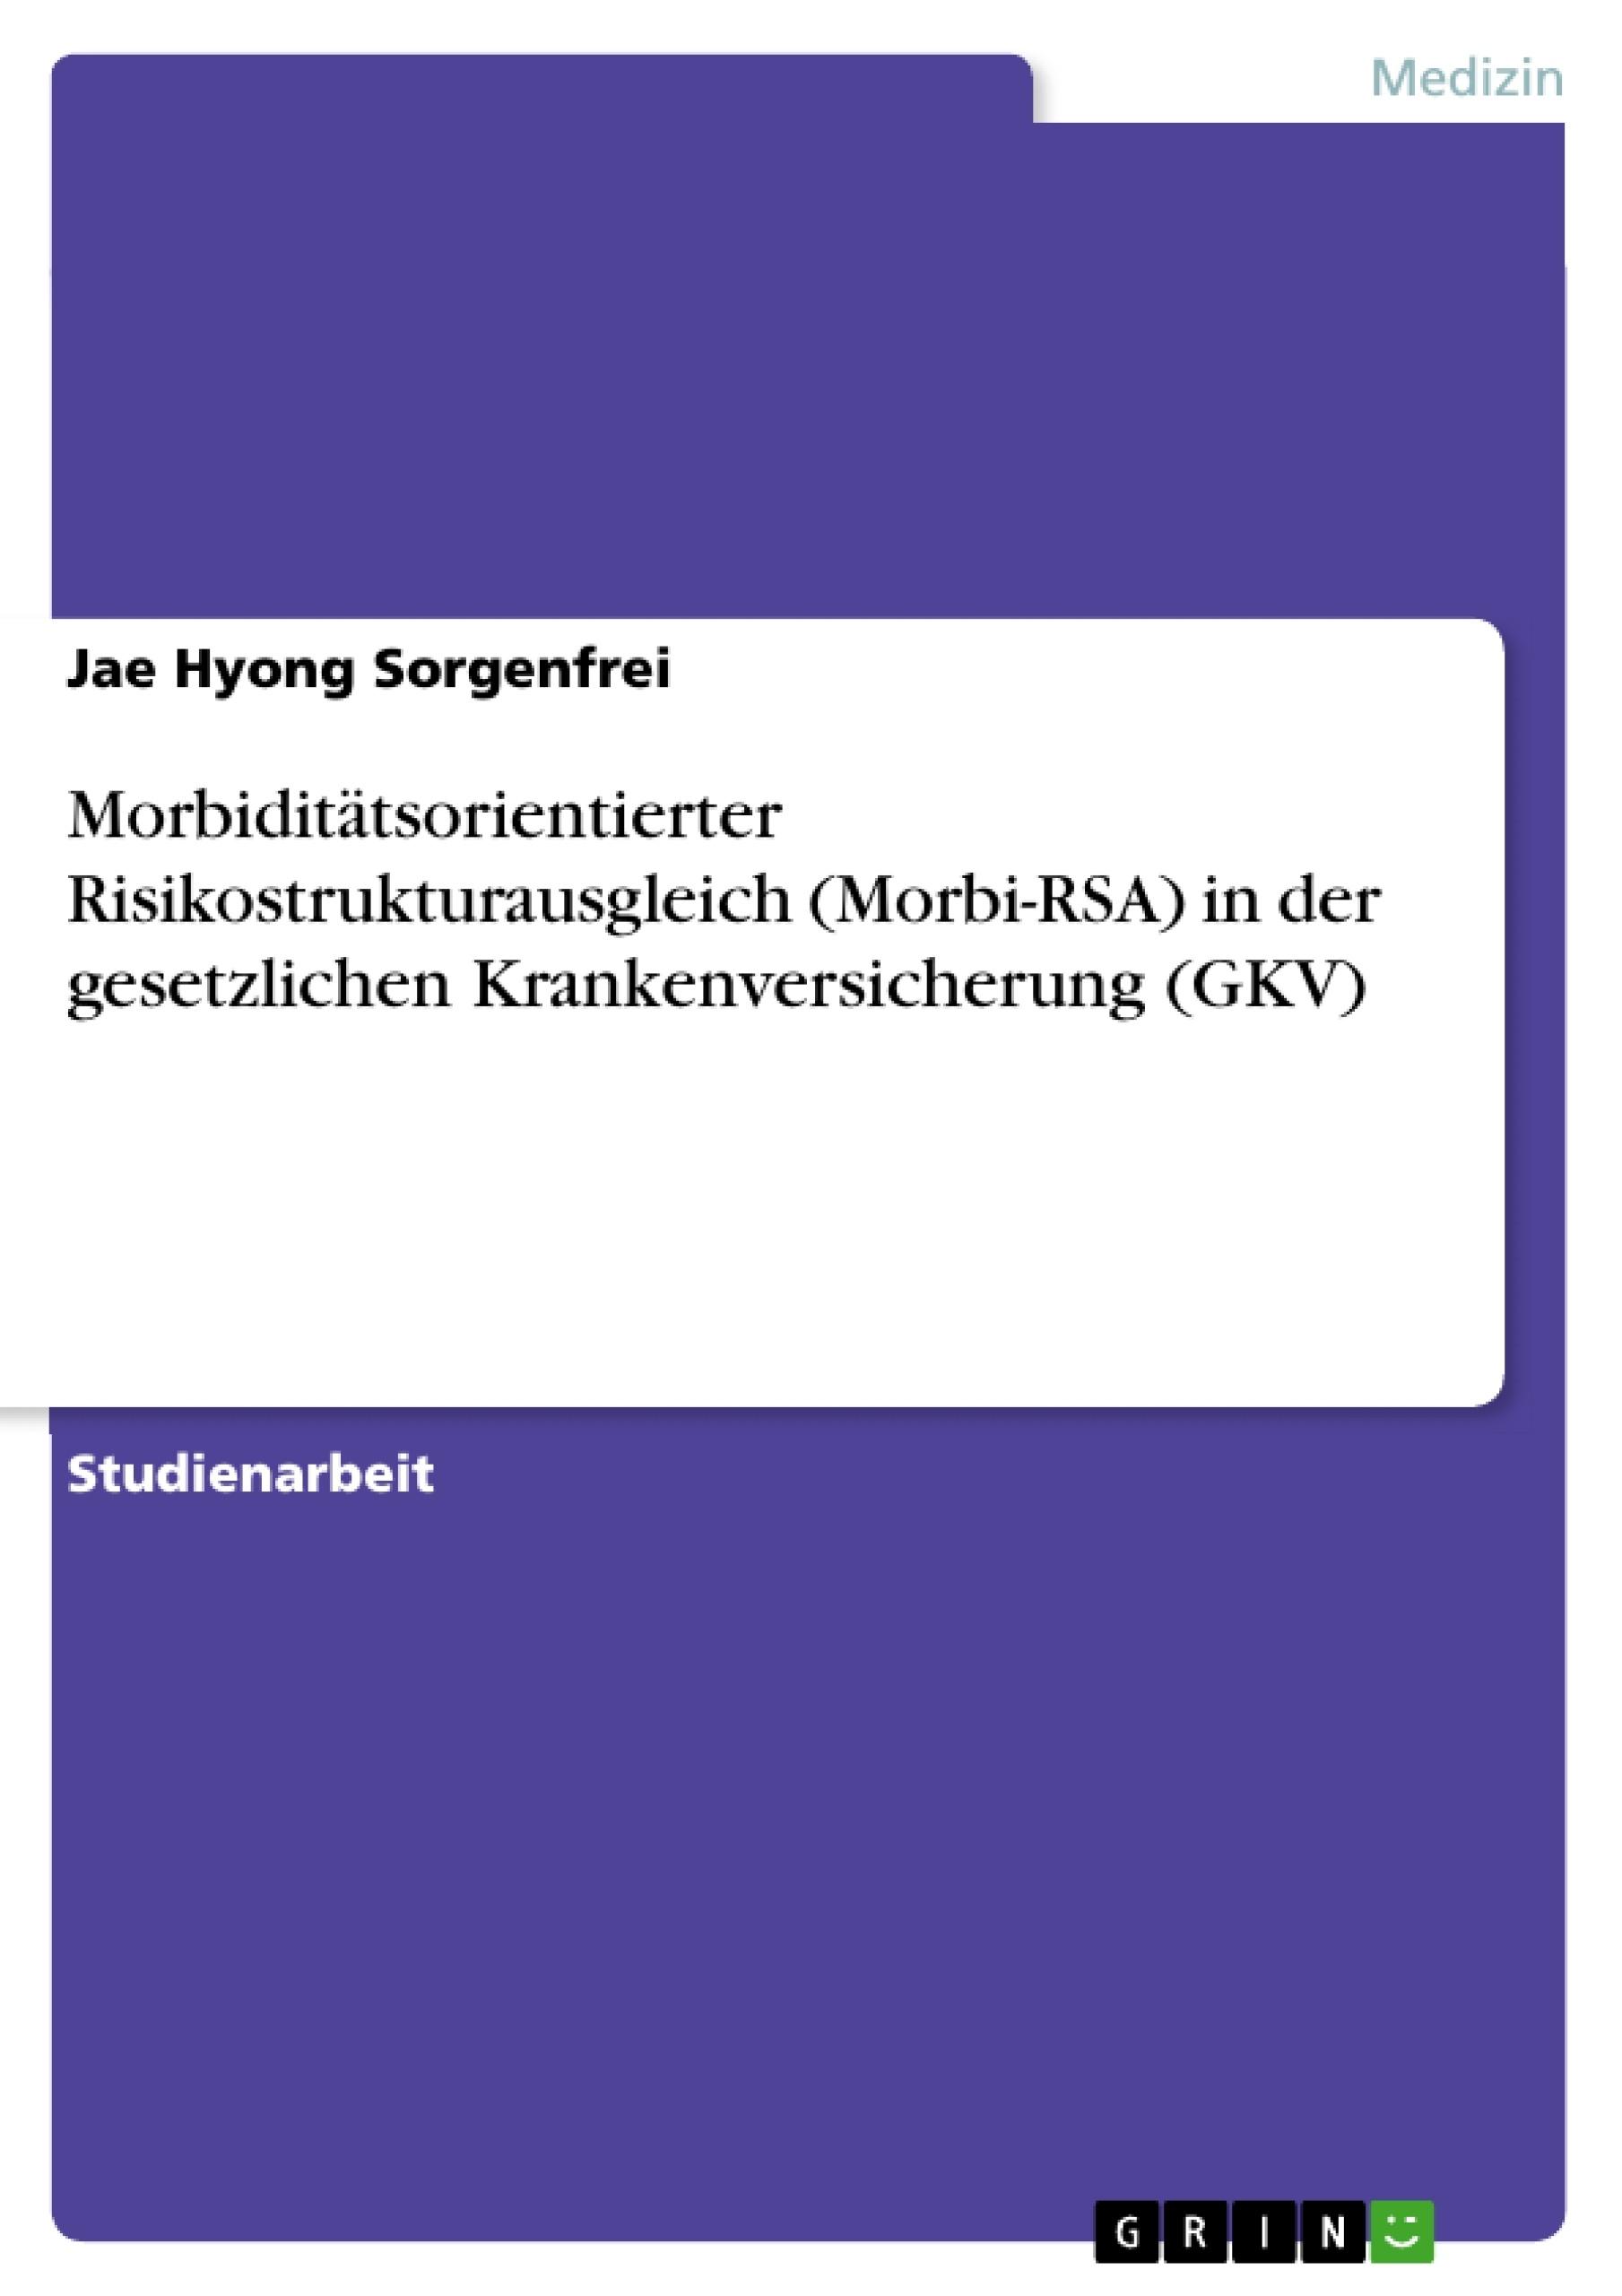 Titel: Morbiditätsorientierter Risikostrukturausgleich (Morbi-RSA) in der gesetzlichen Krankenversicherung (GKV)